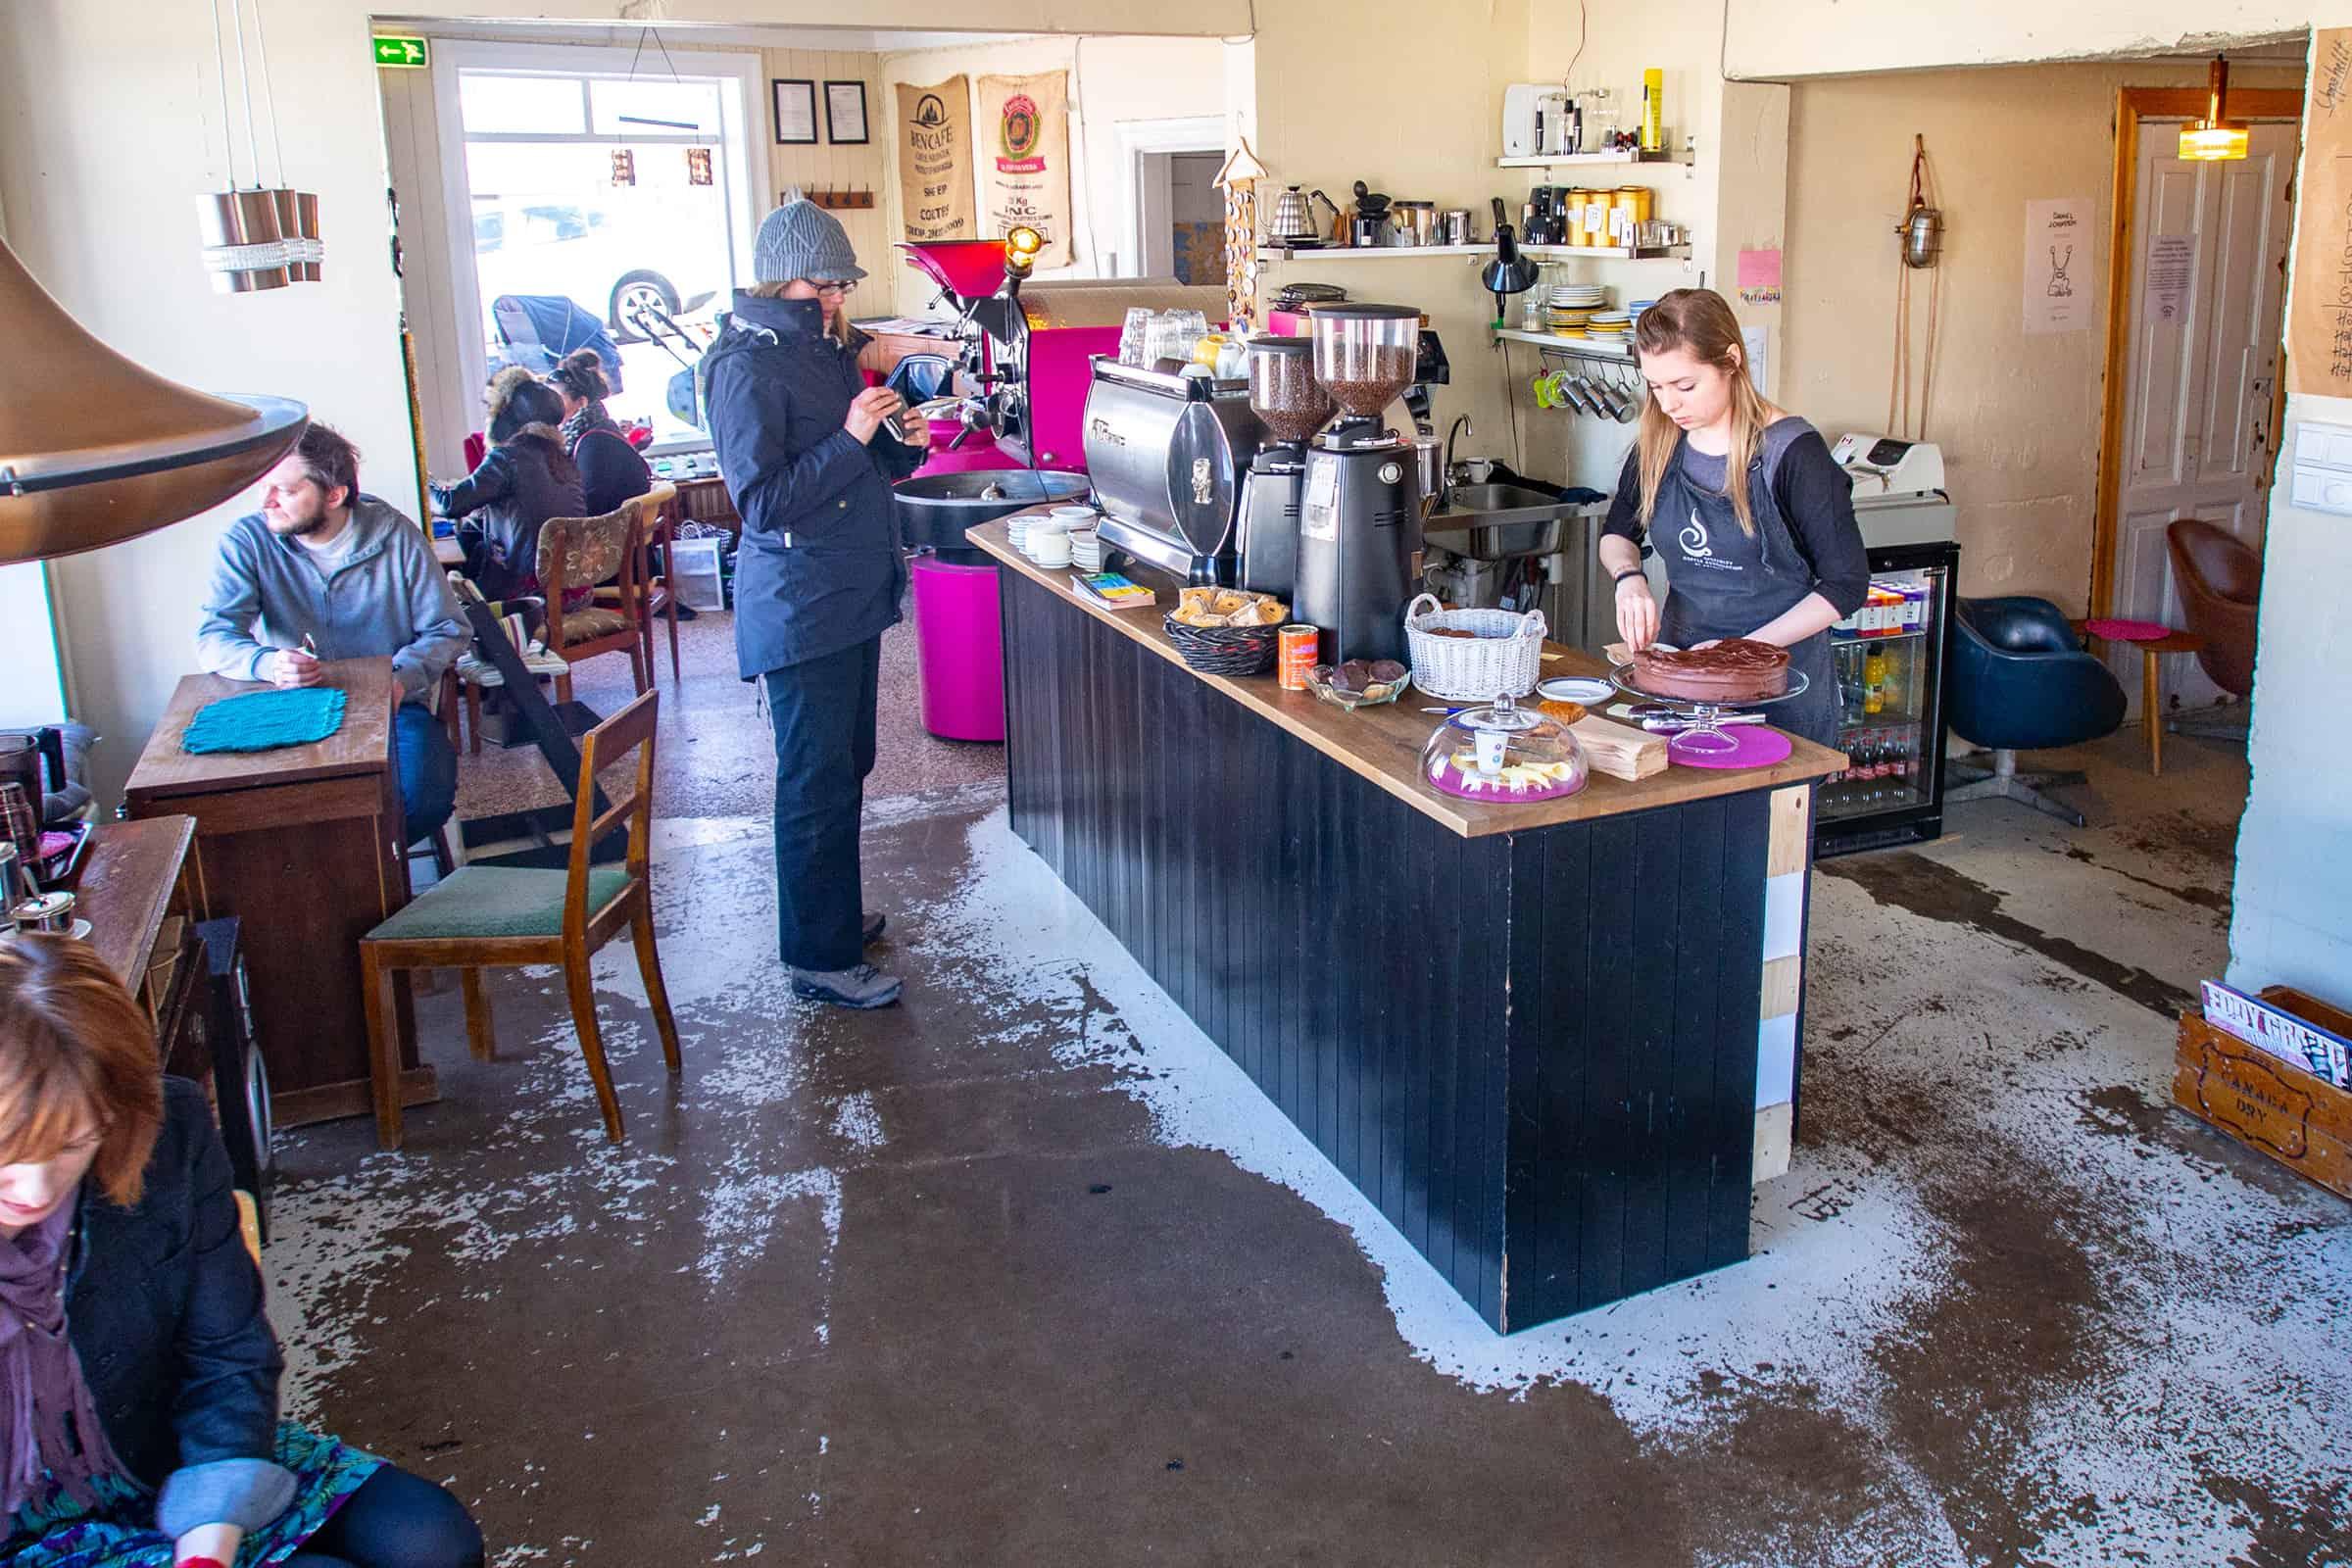 Kaffismiðja Íslands